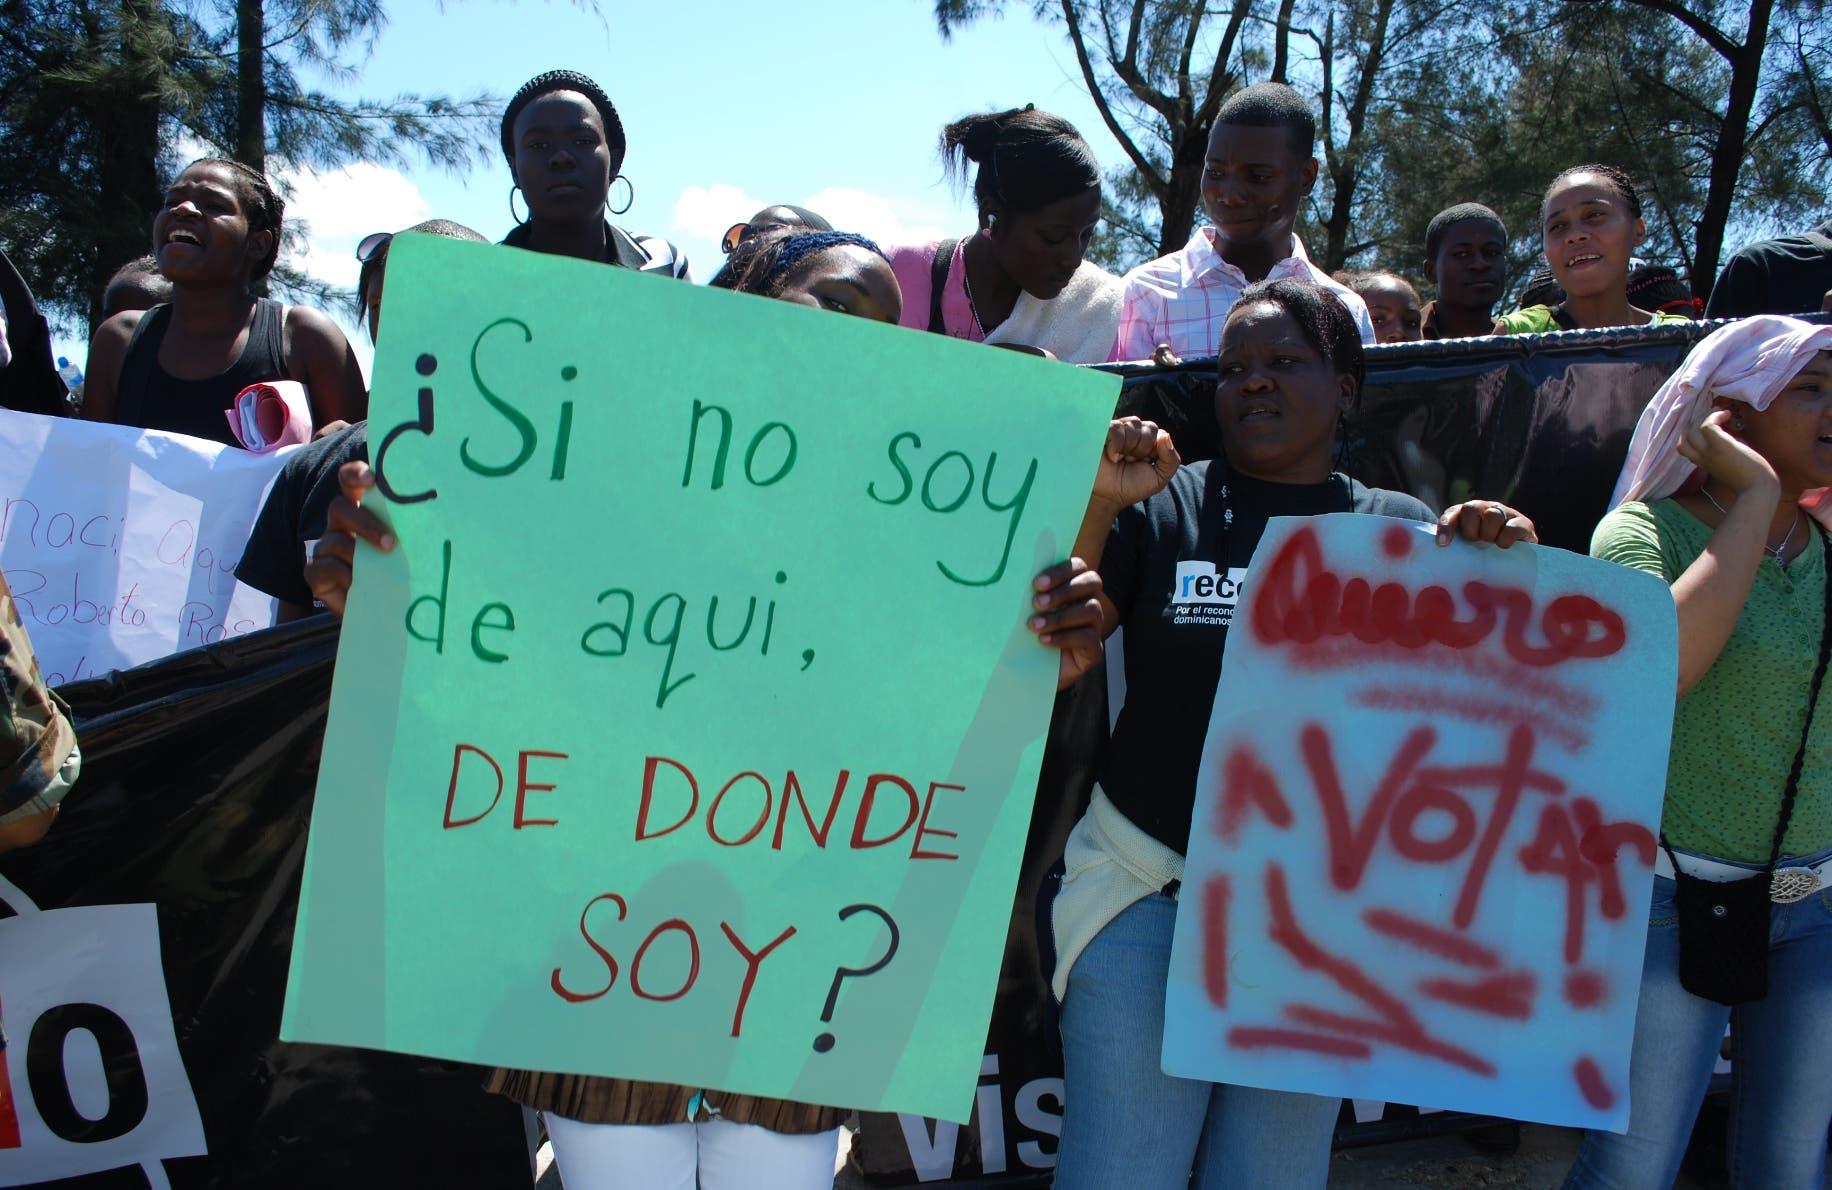 Dominicanos de ascendencia durante una protesta contra la sentencia 168-13 del Tribunal Constitucional. Foto de archivo.